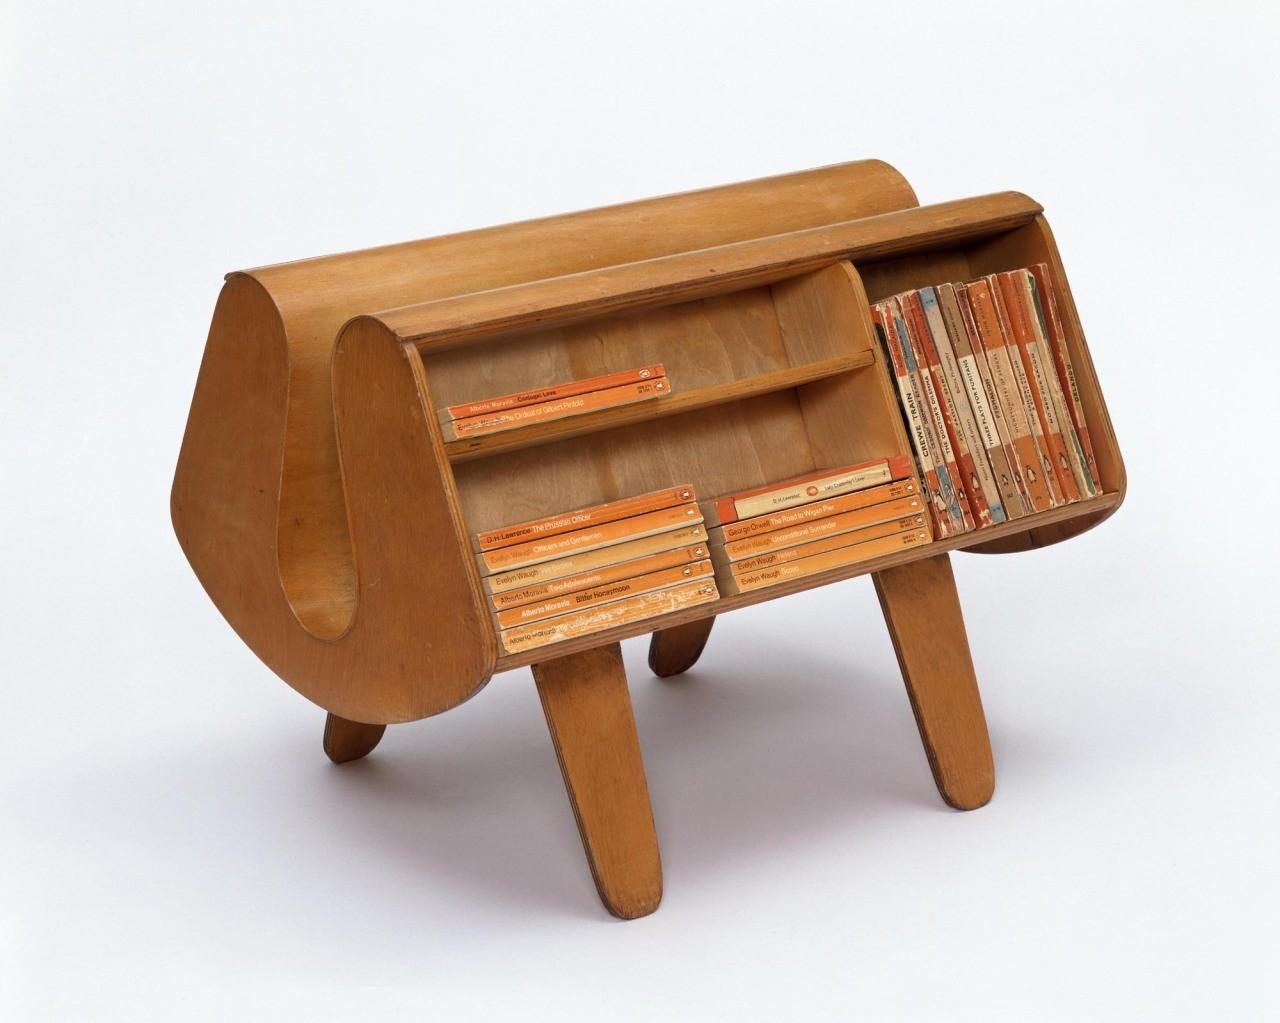 Penguin Donkey bookcase, Egon Riss, 1939